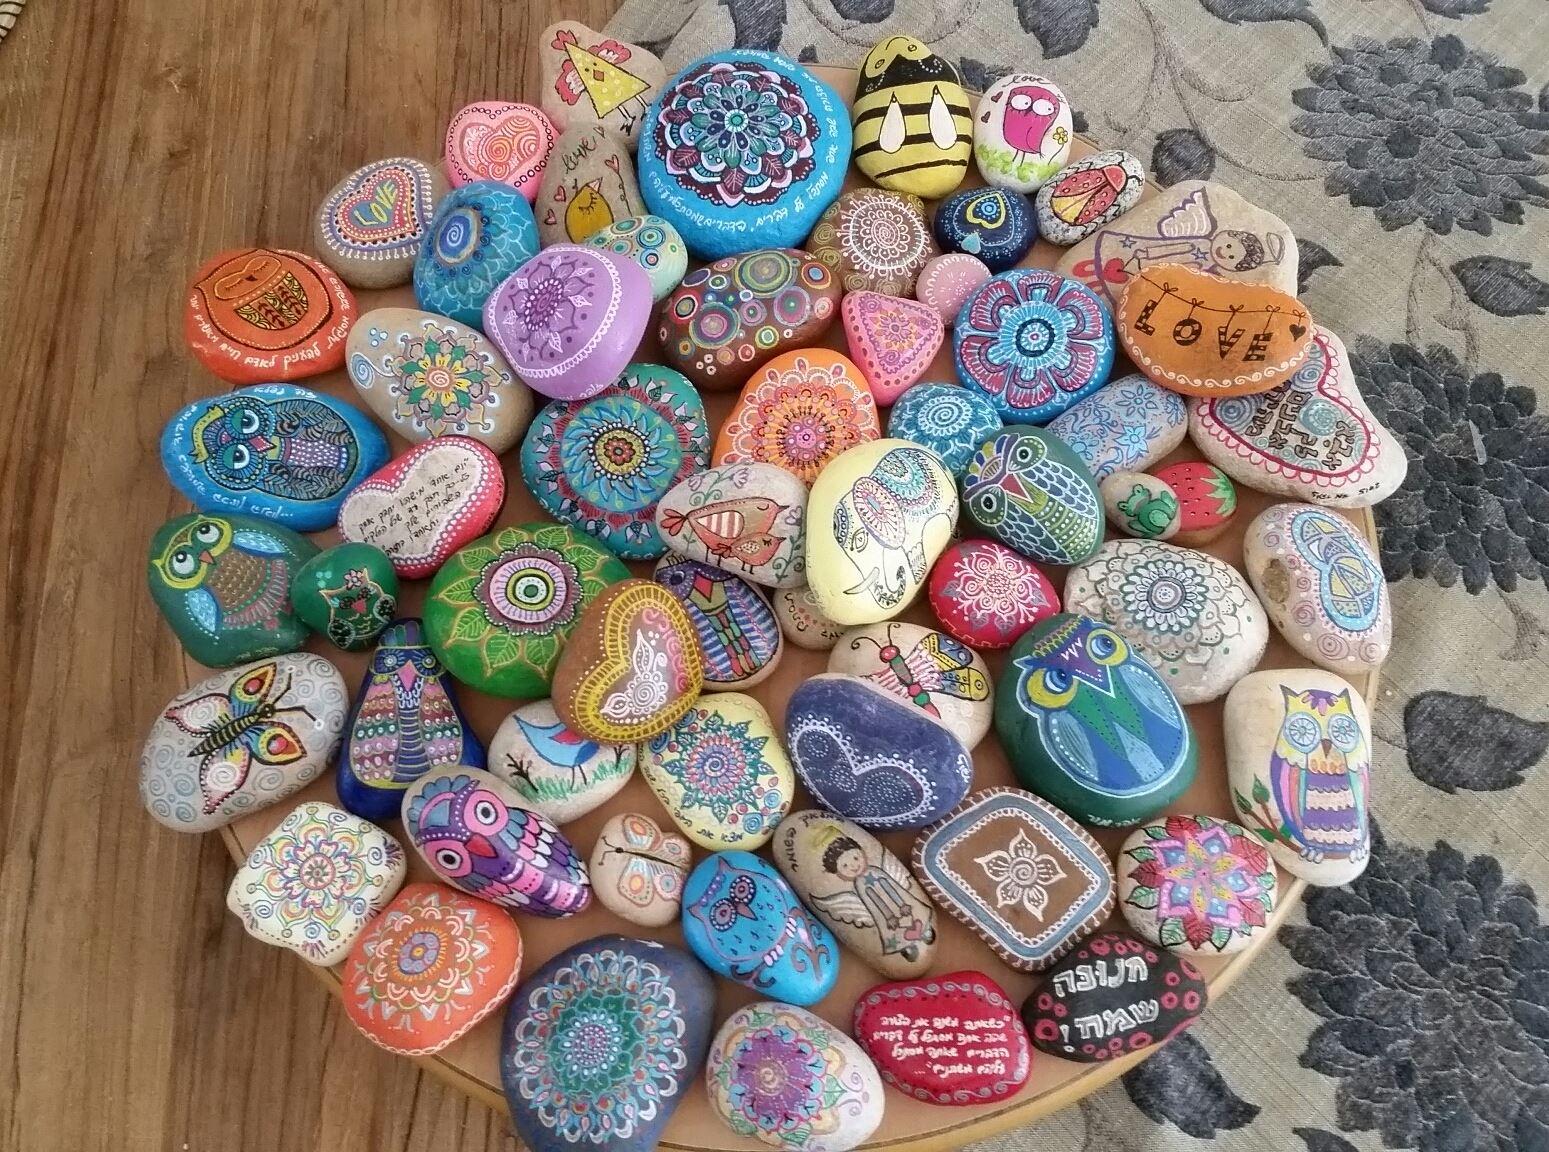 אבנים במגש